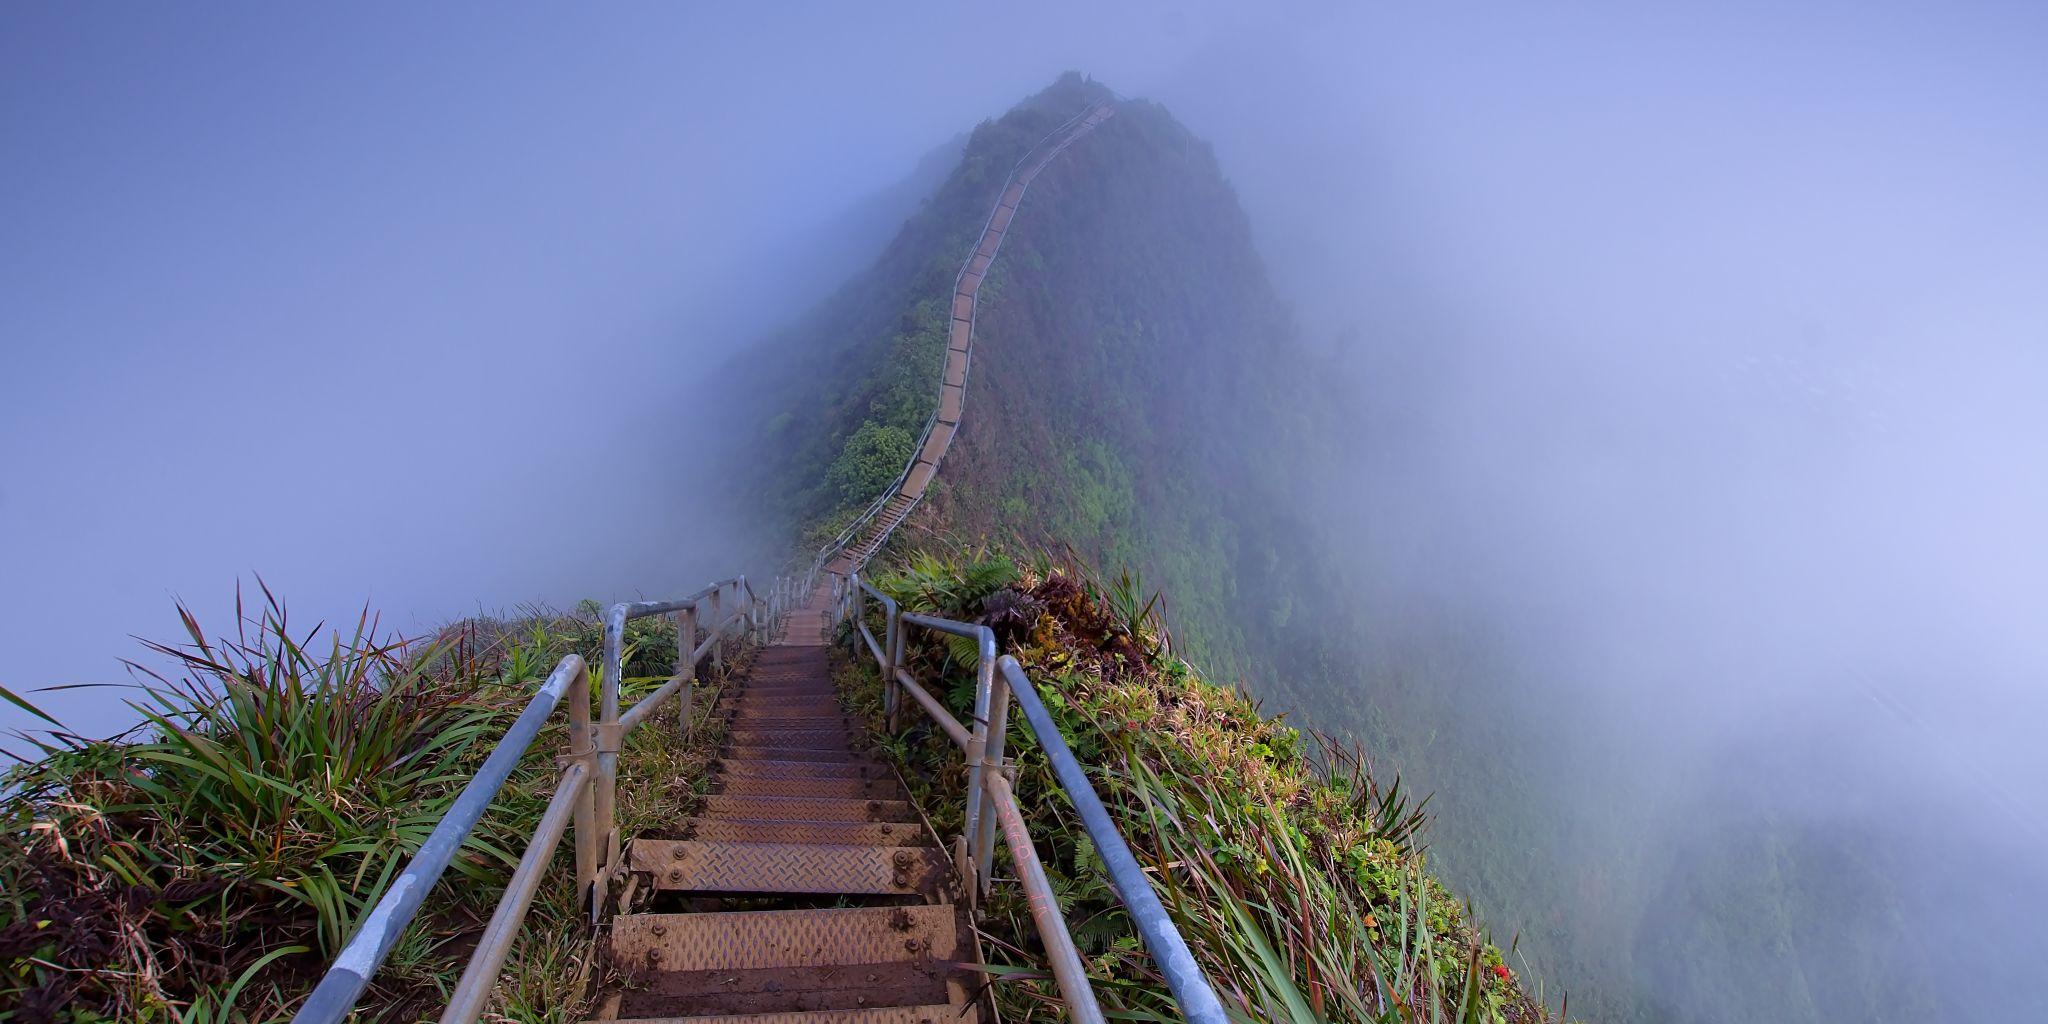 Stairway to Heaven (Haiku Stairs), USA